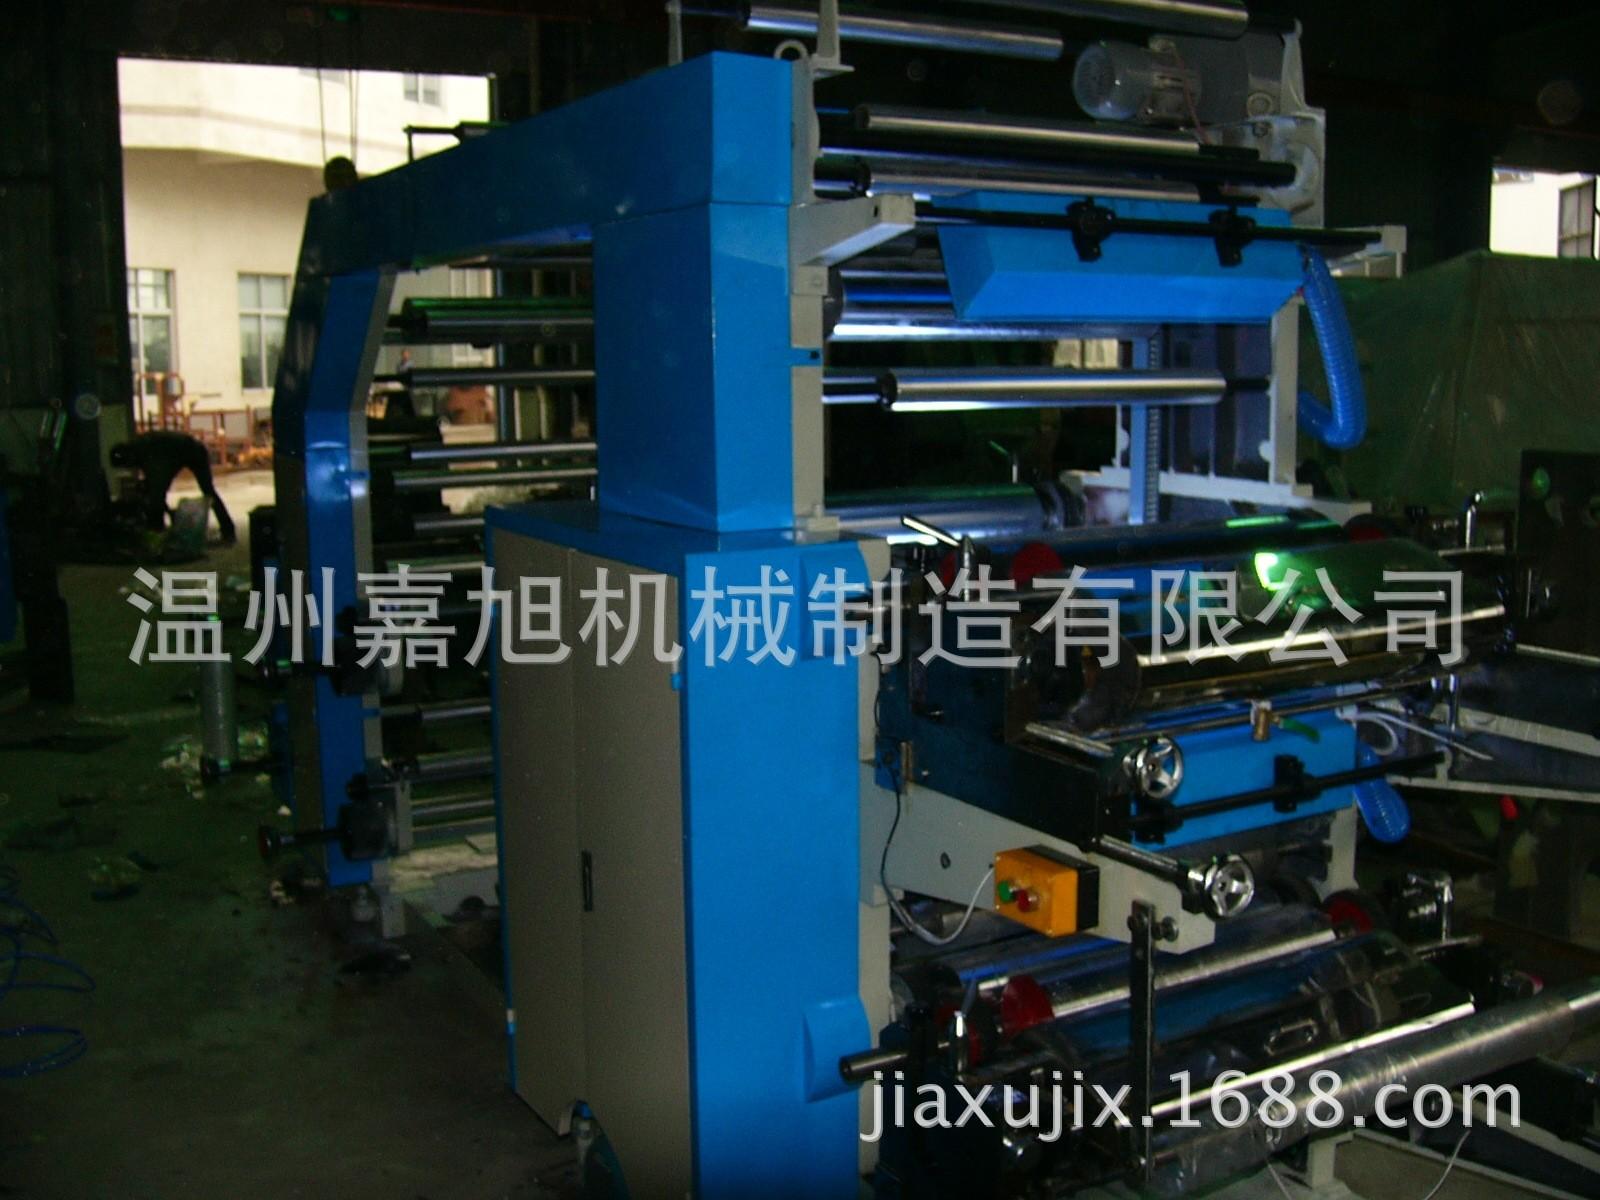 彩印彩色薄膜印刷机柔性凸版高清晰印刷机YT-41400